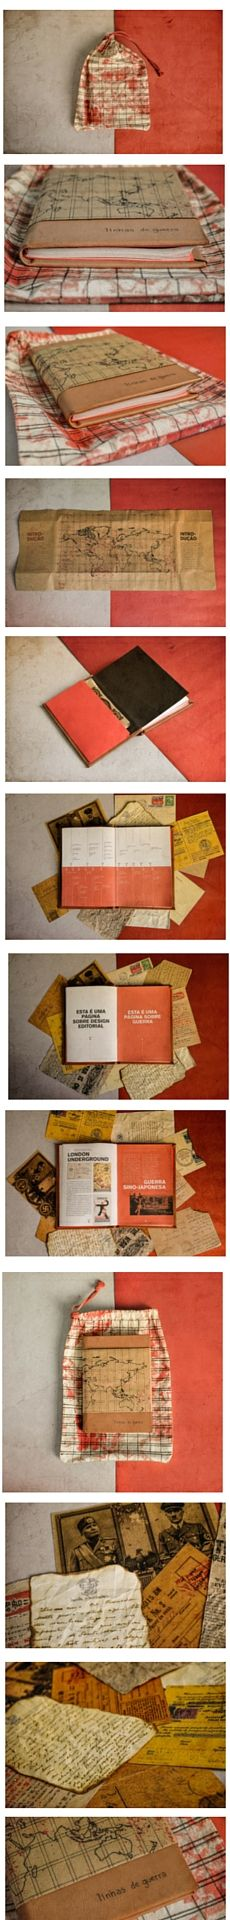 Linhas de Guerra, o livro de Gustavo Vitulo. #Design #Livro #LinhasdeGuerra